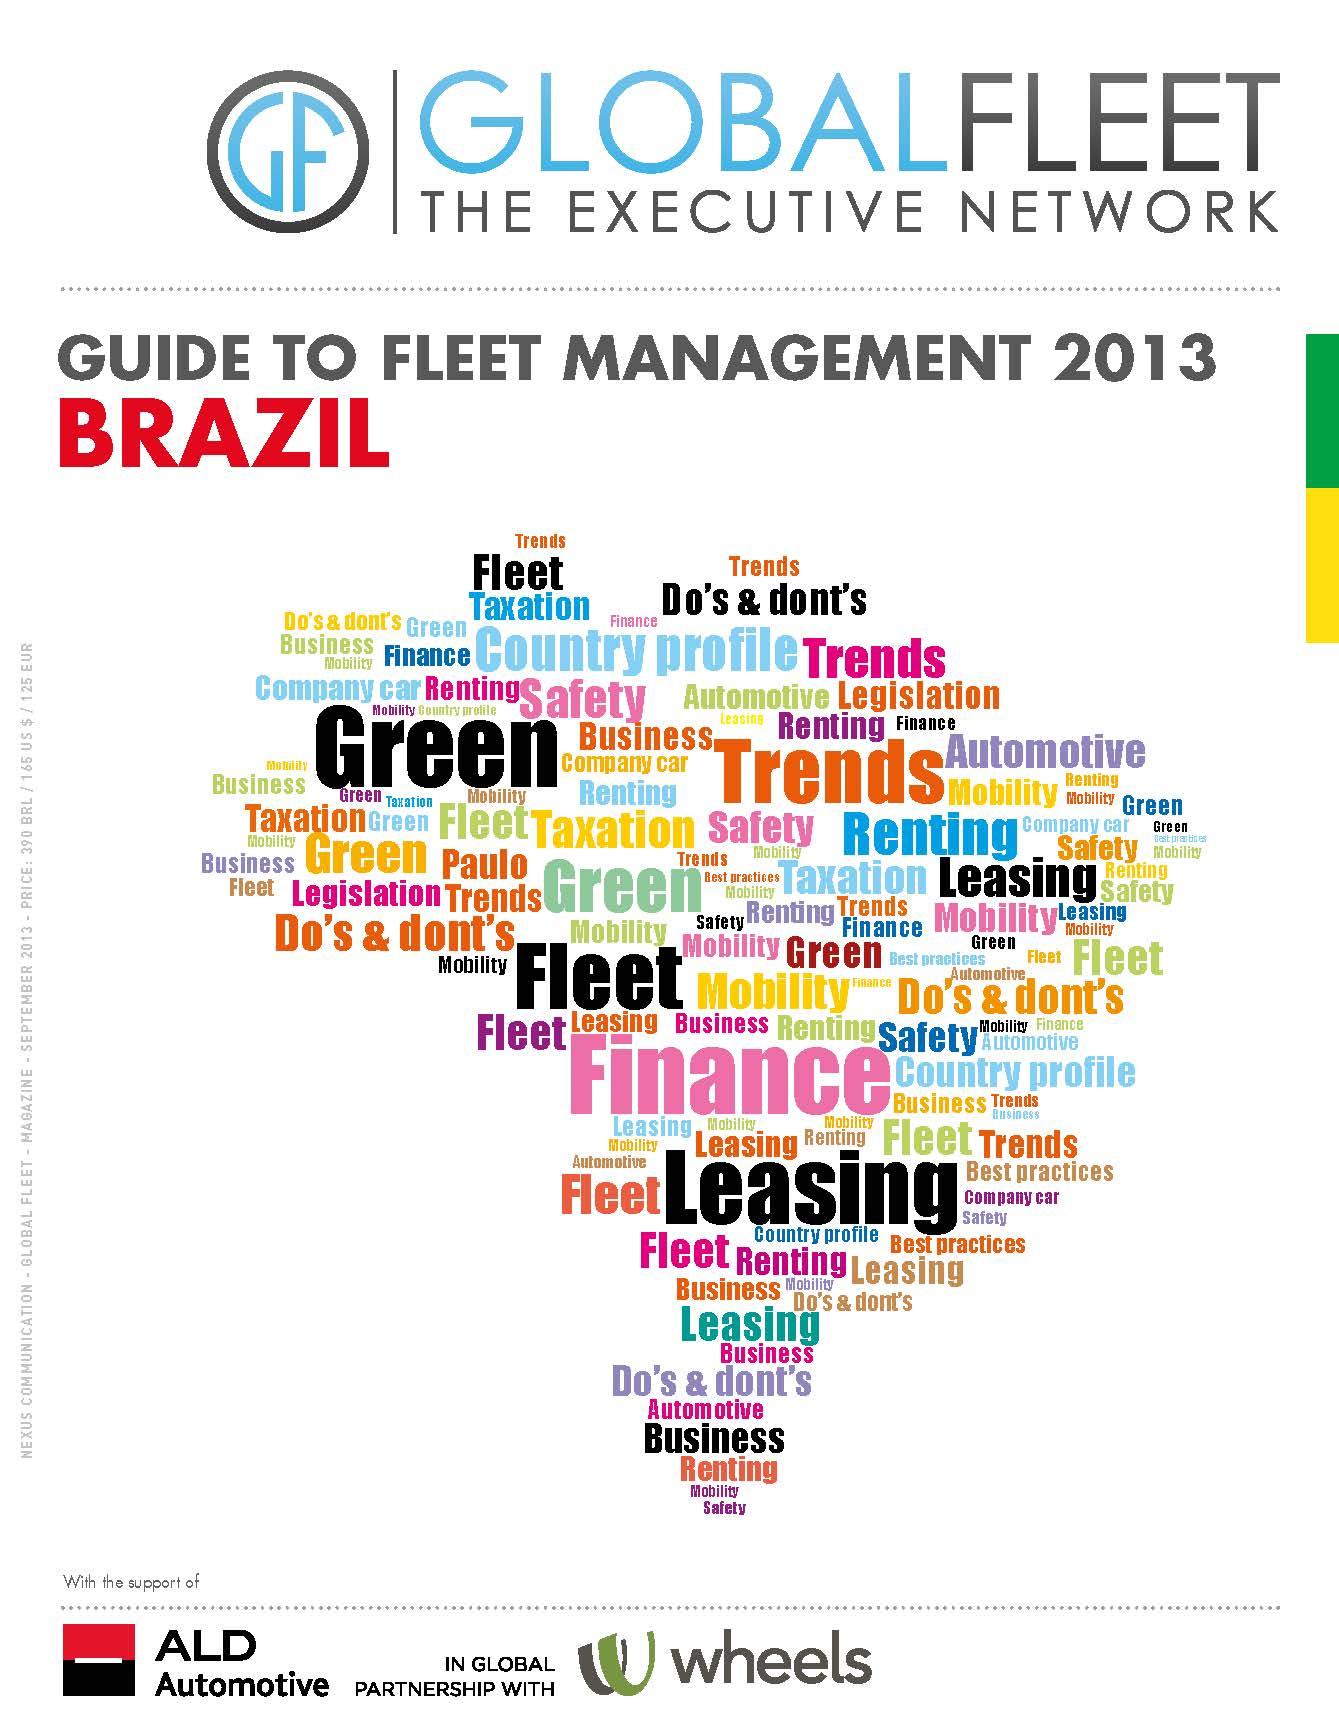 Brazilian Fleet Market Overview Aimed at Global Fleet Decision Makers